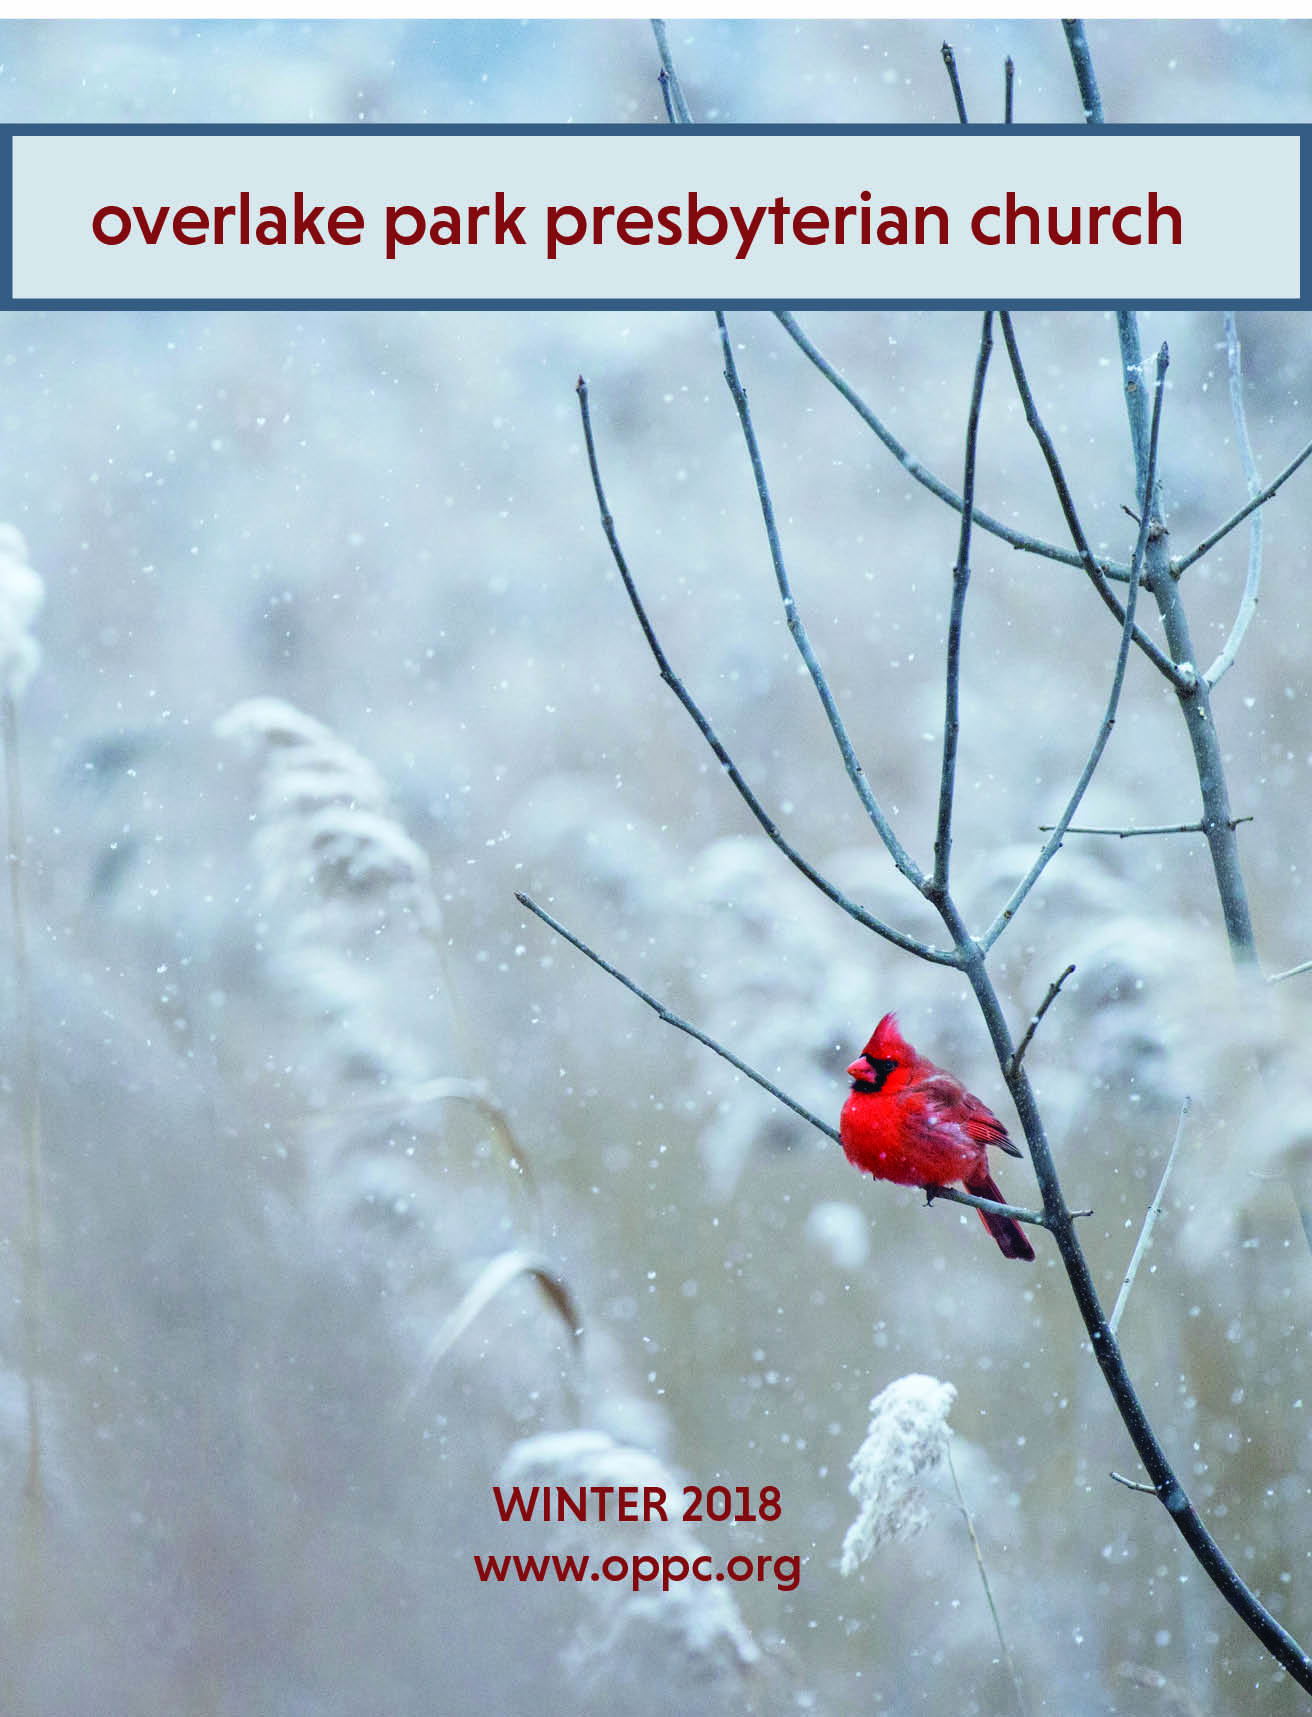 2018 Winter Newsletter_front cover.jpg